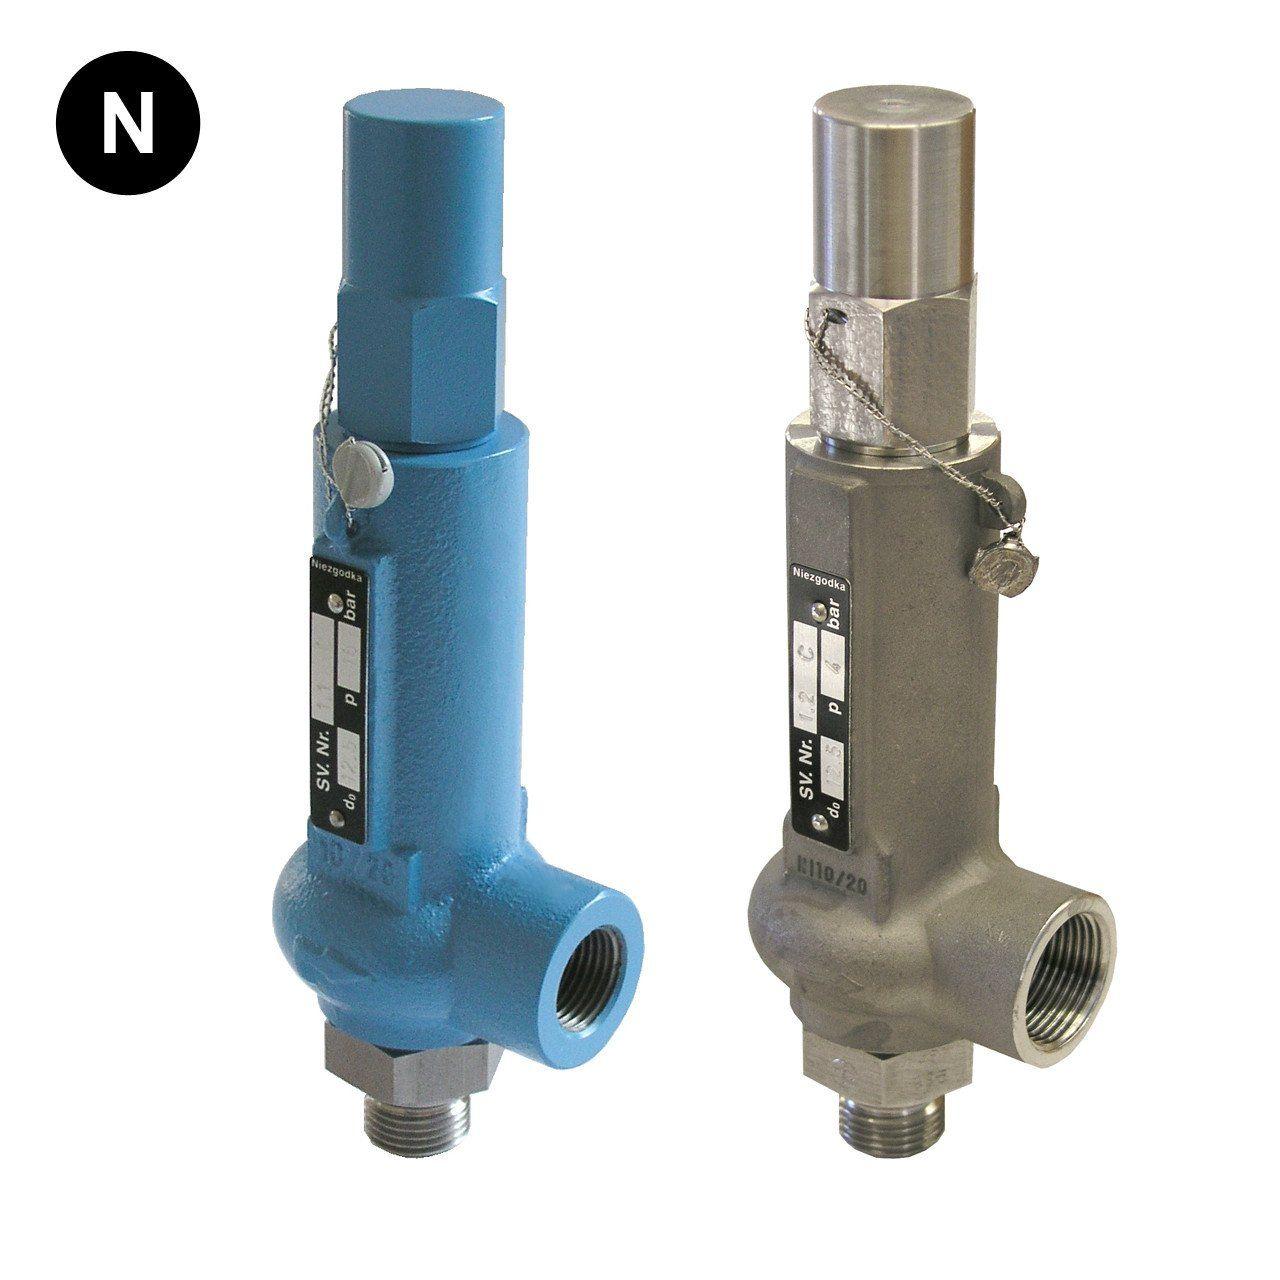 Niezgodka type 1 relief valve relief valve valve relief